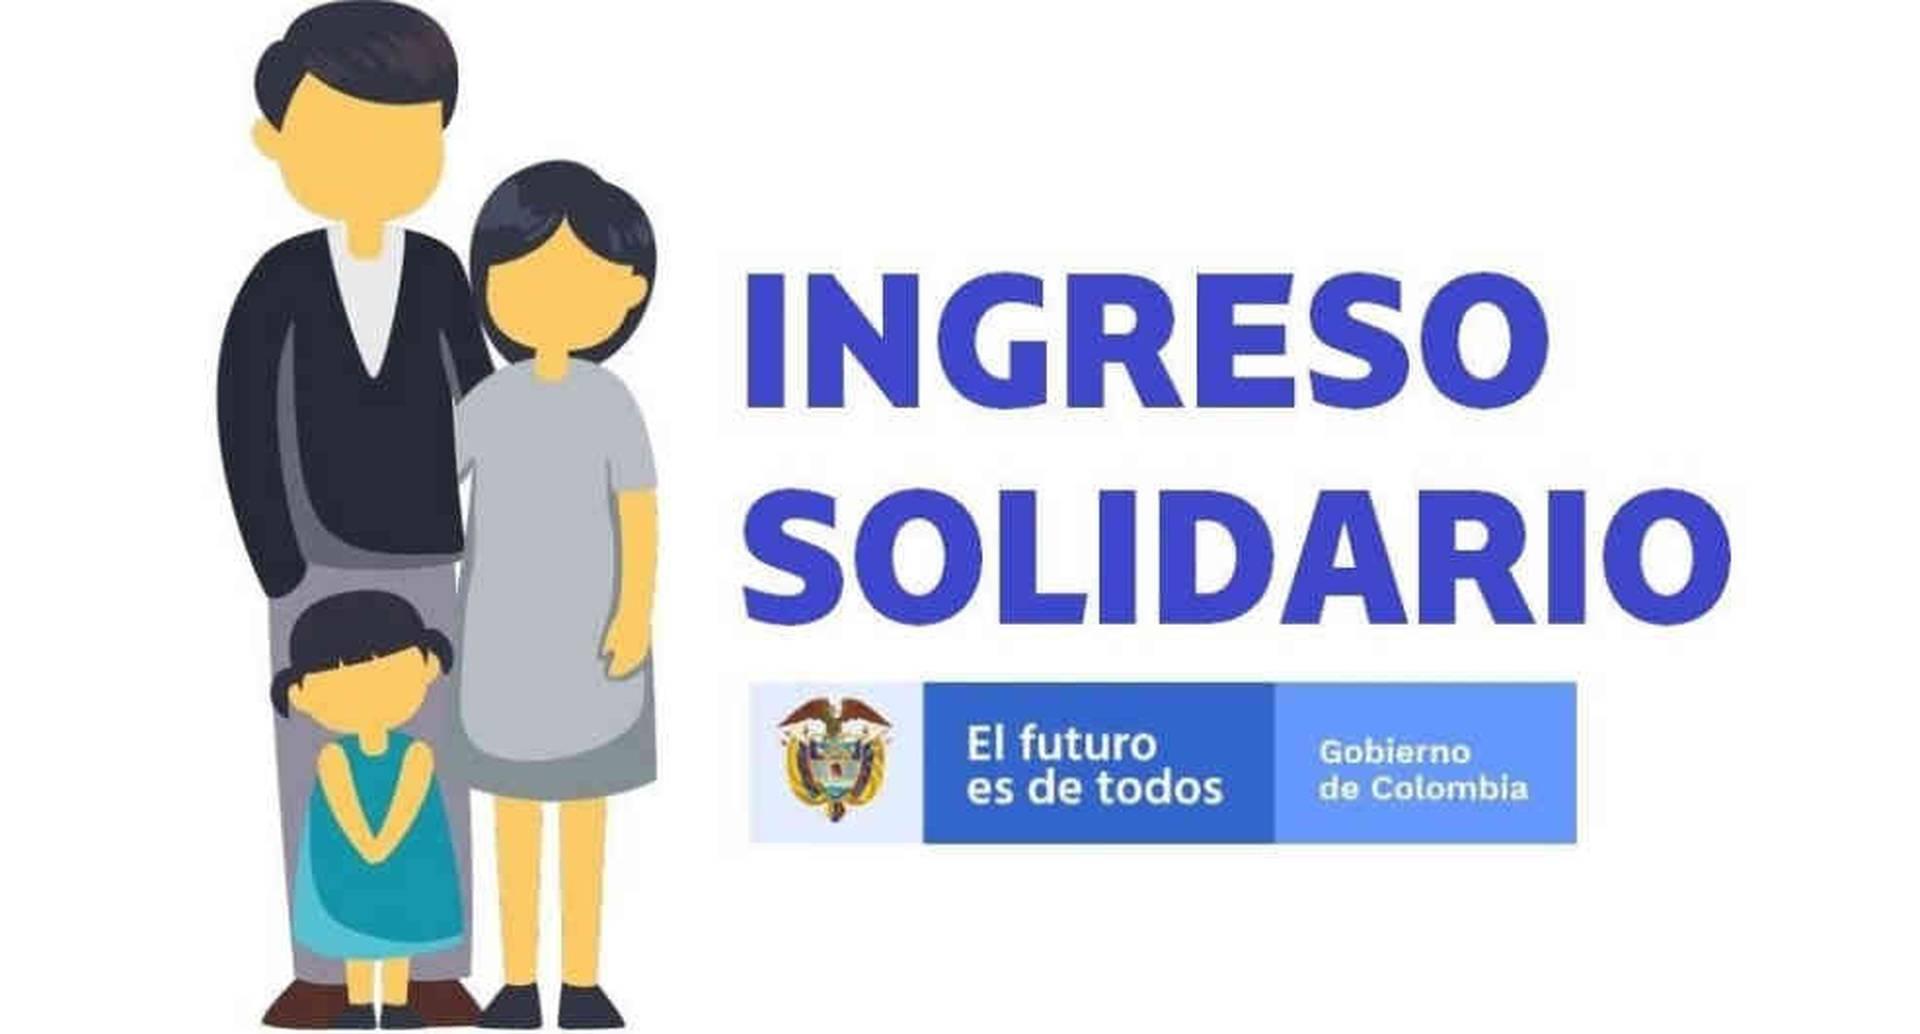 Ingreso Solidario: no me llegó un giro, ¿qué debo hacer?   Colombia hoy